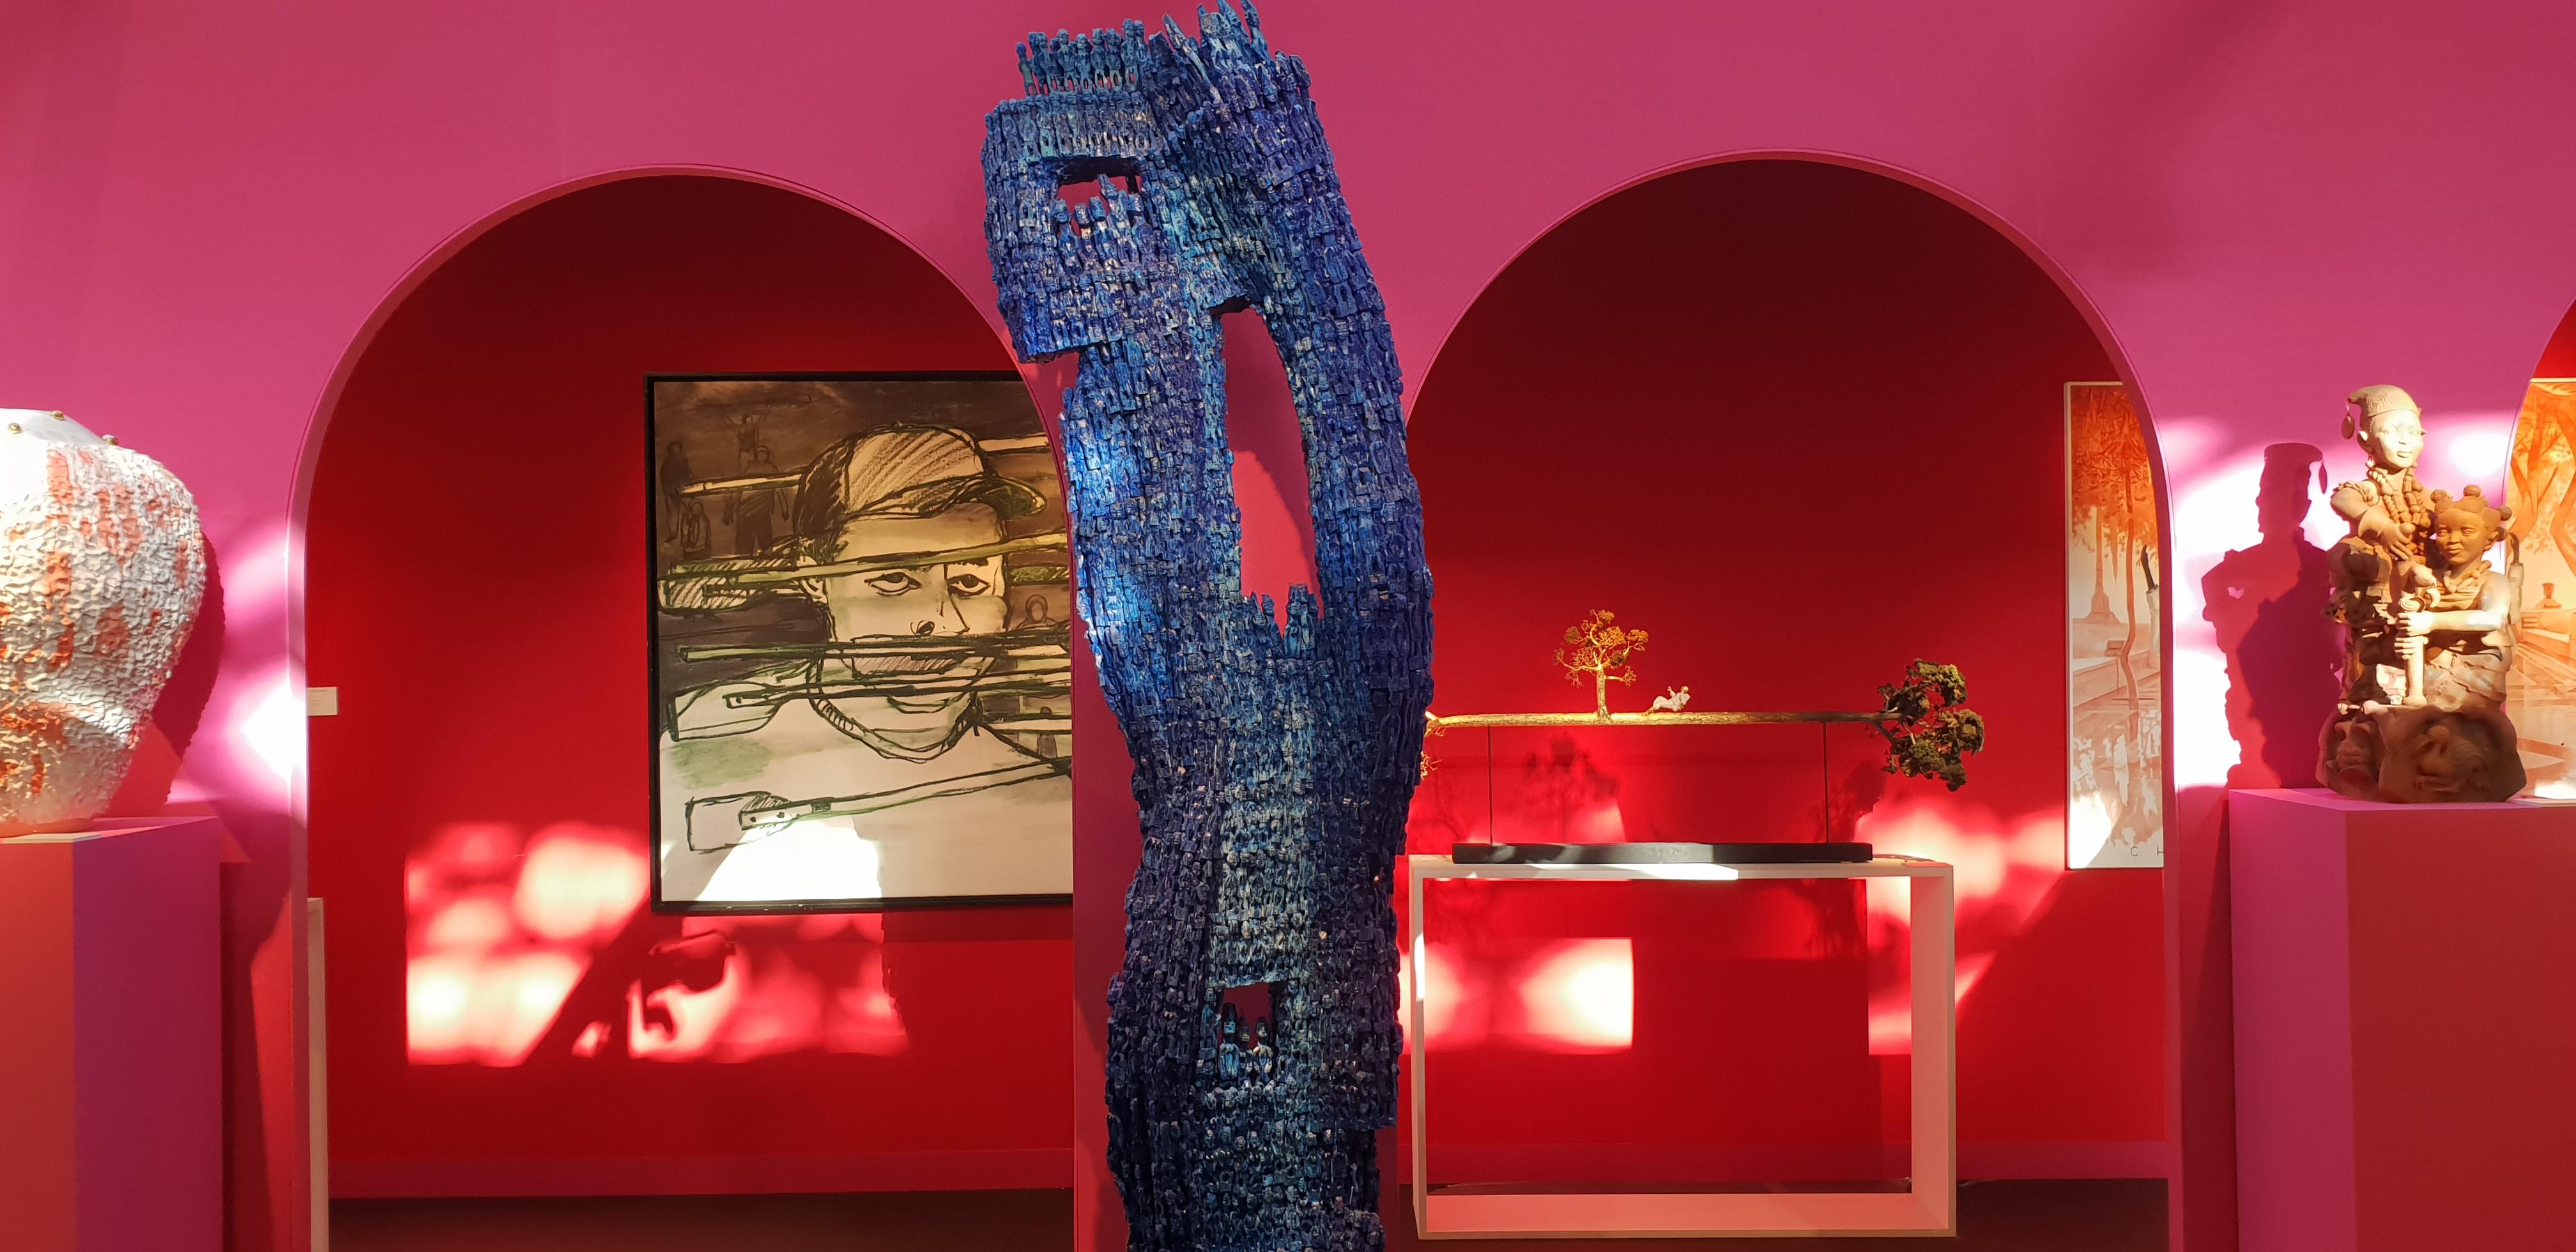 Oeuvres des artistes Dominique Zinkpè- Jorge Luis Miranda Carracedo sur le tand de la Galerie Vallois --KCHO- AKAA 2018 - ©No Fake In my News